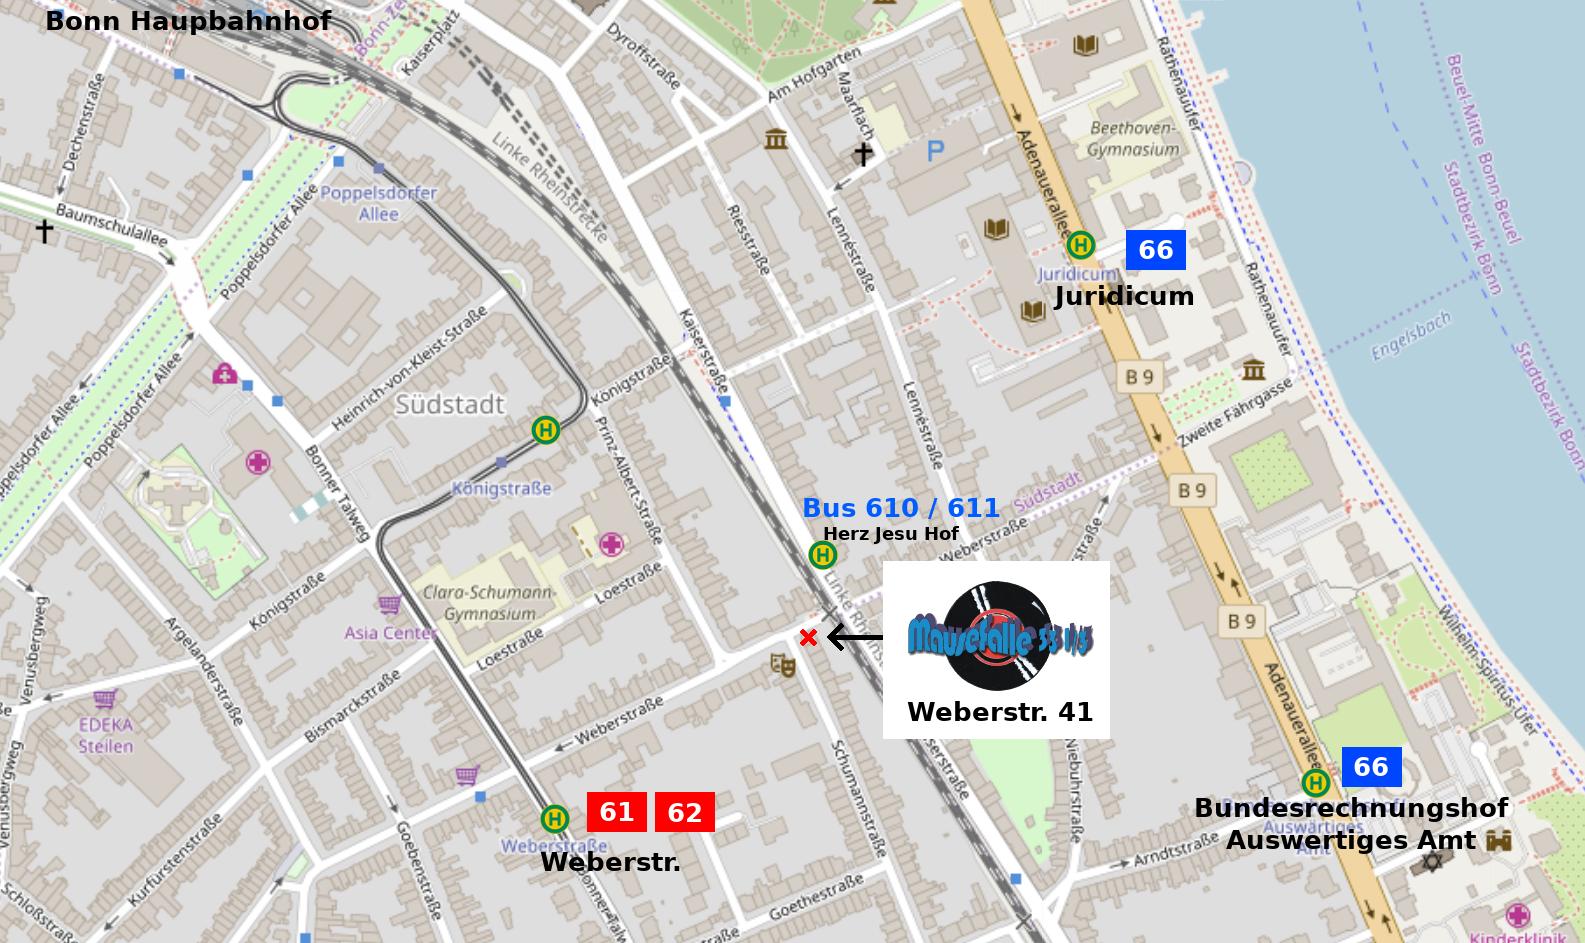 Die Mausefalle in der Weberstraße ist ca 500m vom Hauptbahnhof entfernt. Naheliegende Haltestellen: Straßenbahn 61, 62 Weberstaße, U66 Juridicum, fast vor Tür hält die Buslinien 610, 611, Haltestelle Herz Jesu Hof